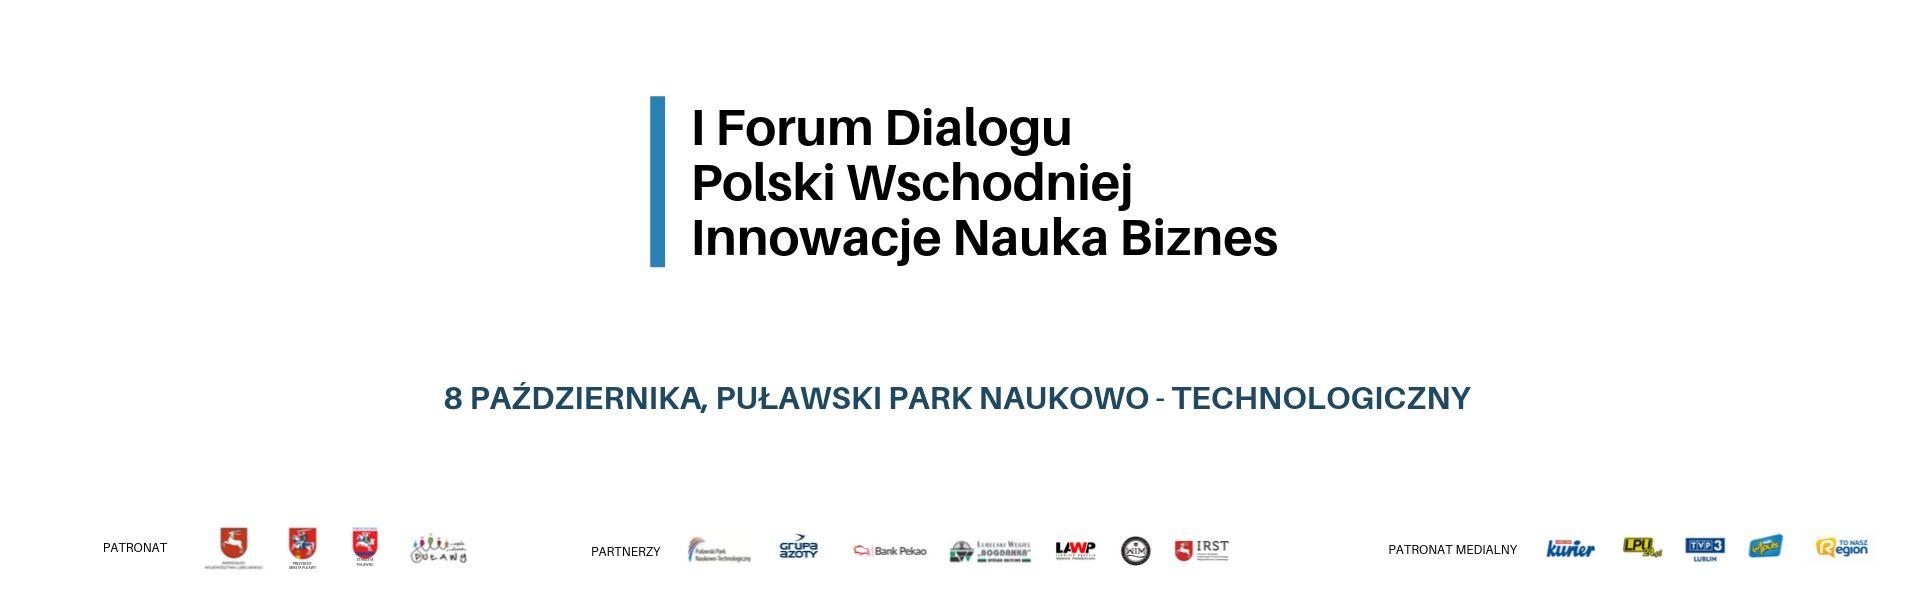 I Forum Dialogu Polski Wschodniej Innowacje Nauka Biznes baner